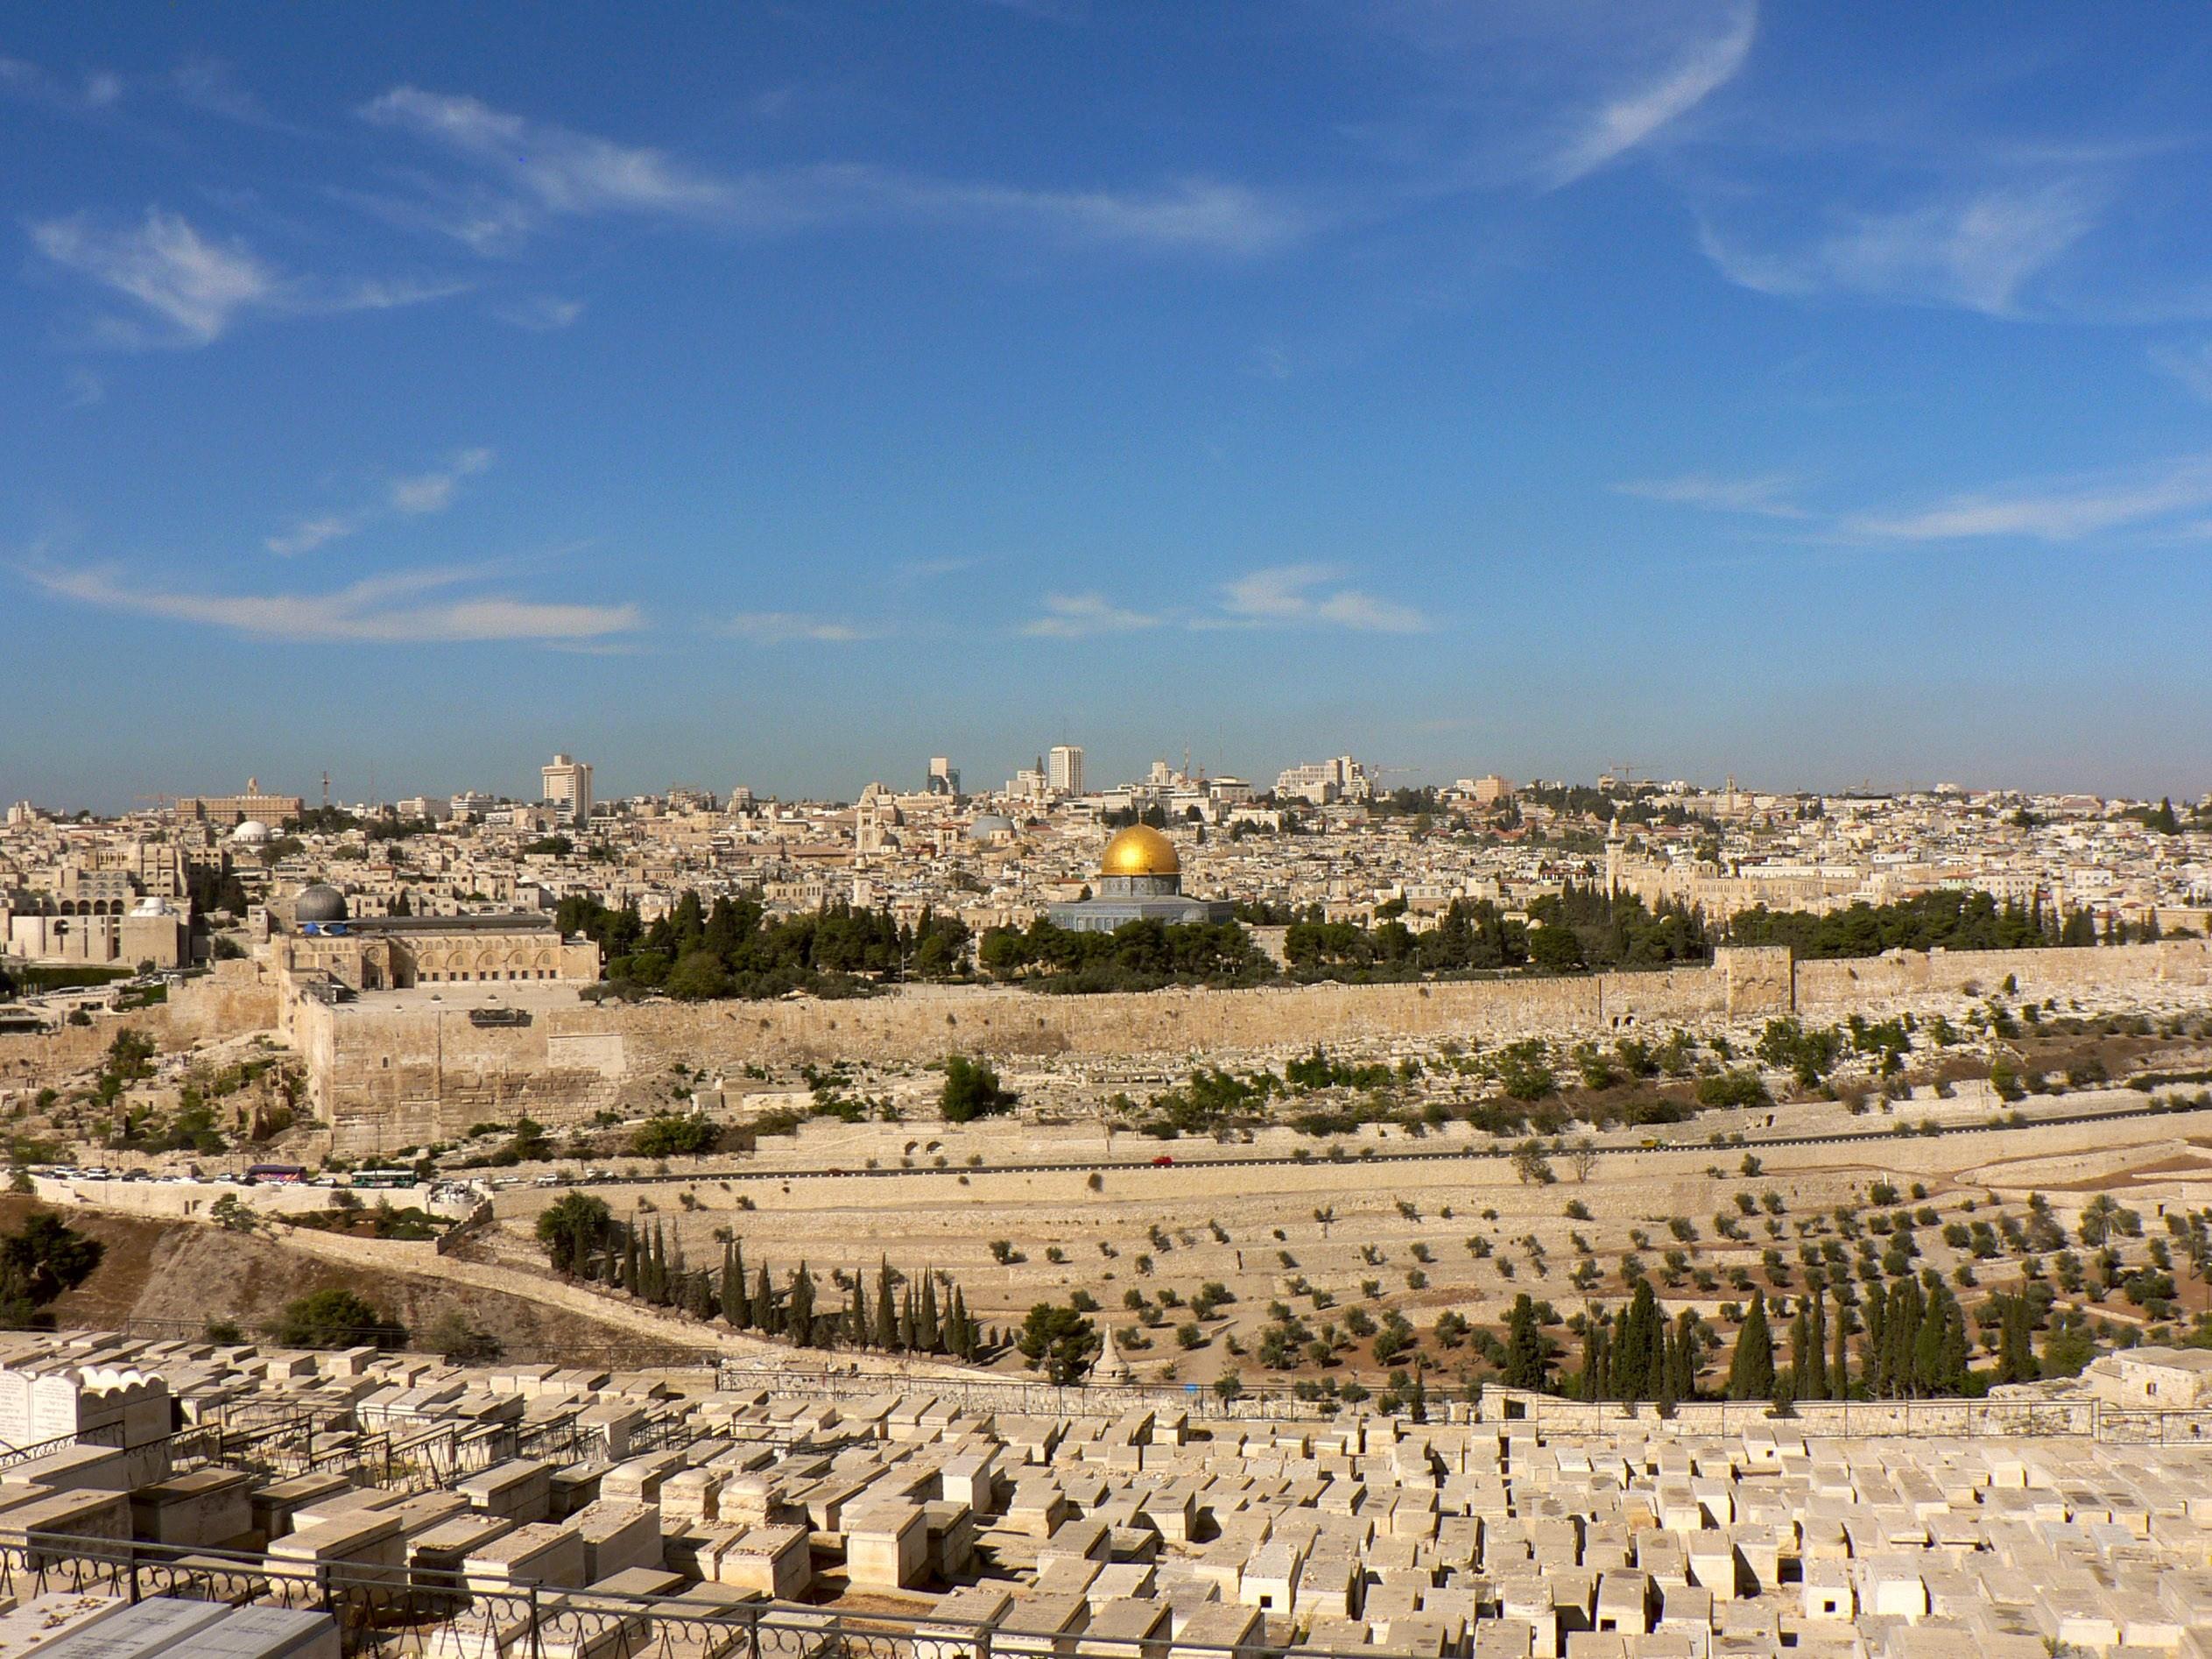 новые картинки израиля садовой скамейке, где